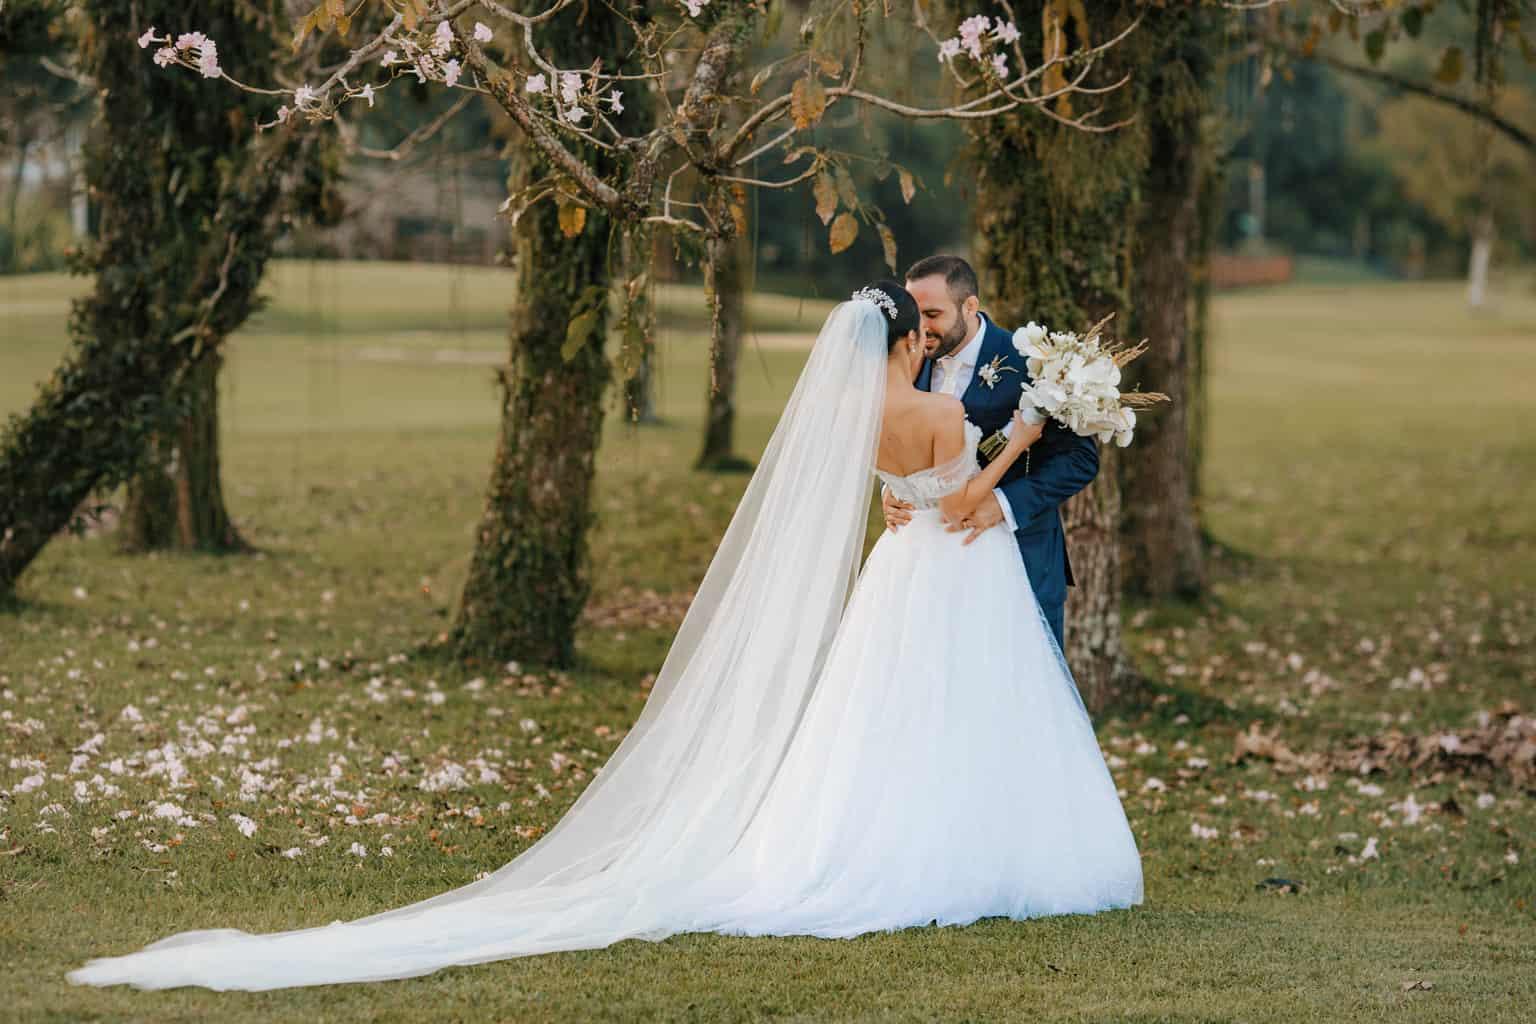 Casamento-Alissa-e-Gustavo-Cerimonial-Manu-Goncalez-Decor-Andrea-Kapps-Fasano-Angra-dos-Reis-Foto-VRebel-fotos-do-casal3468-1